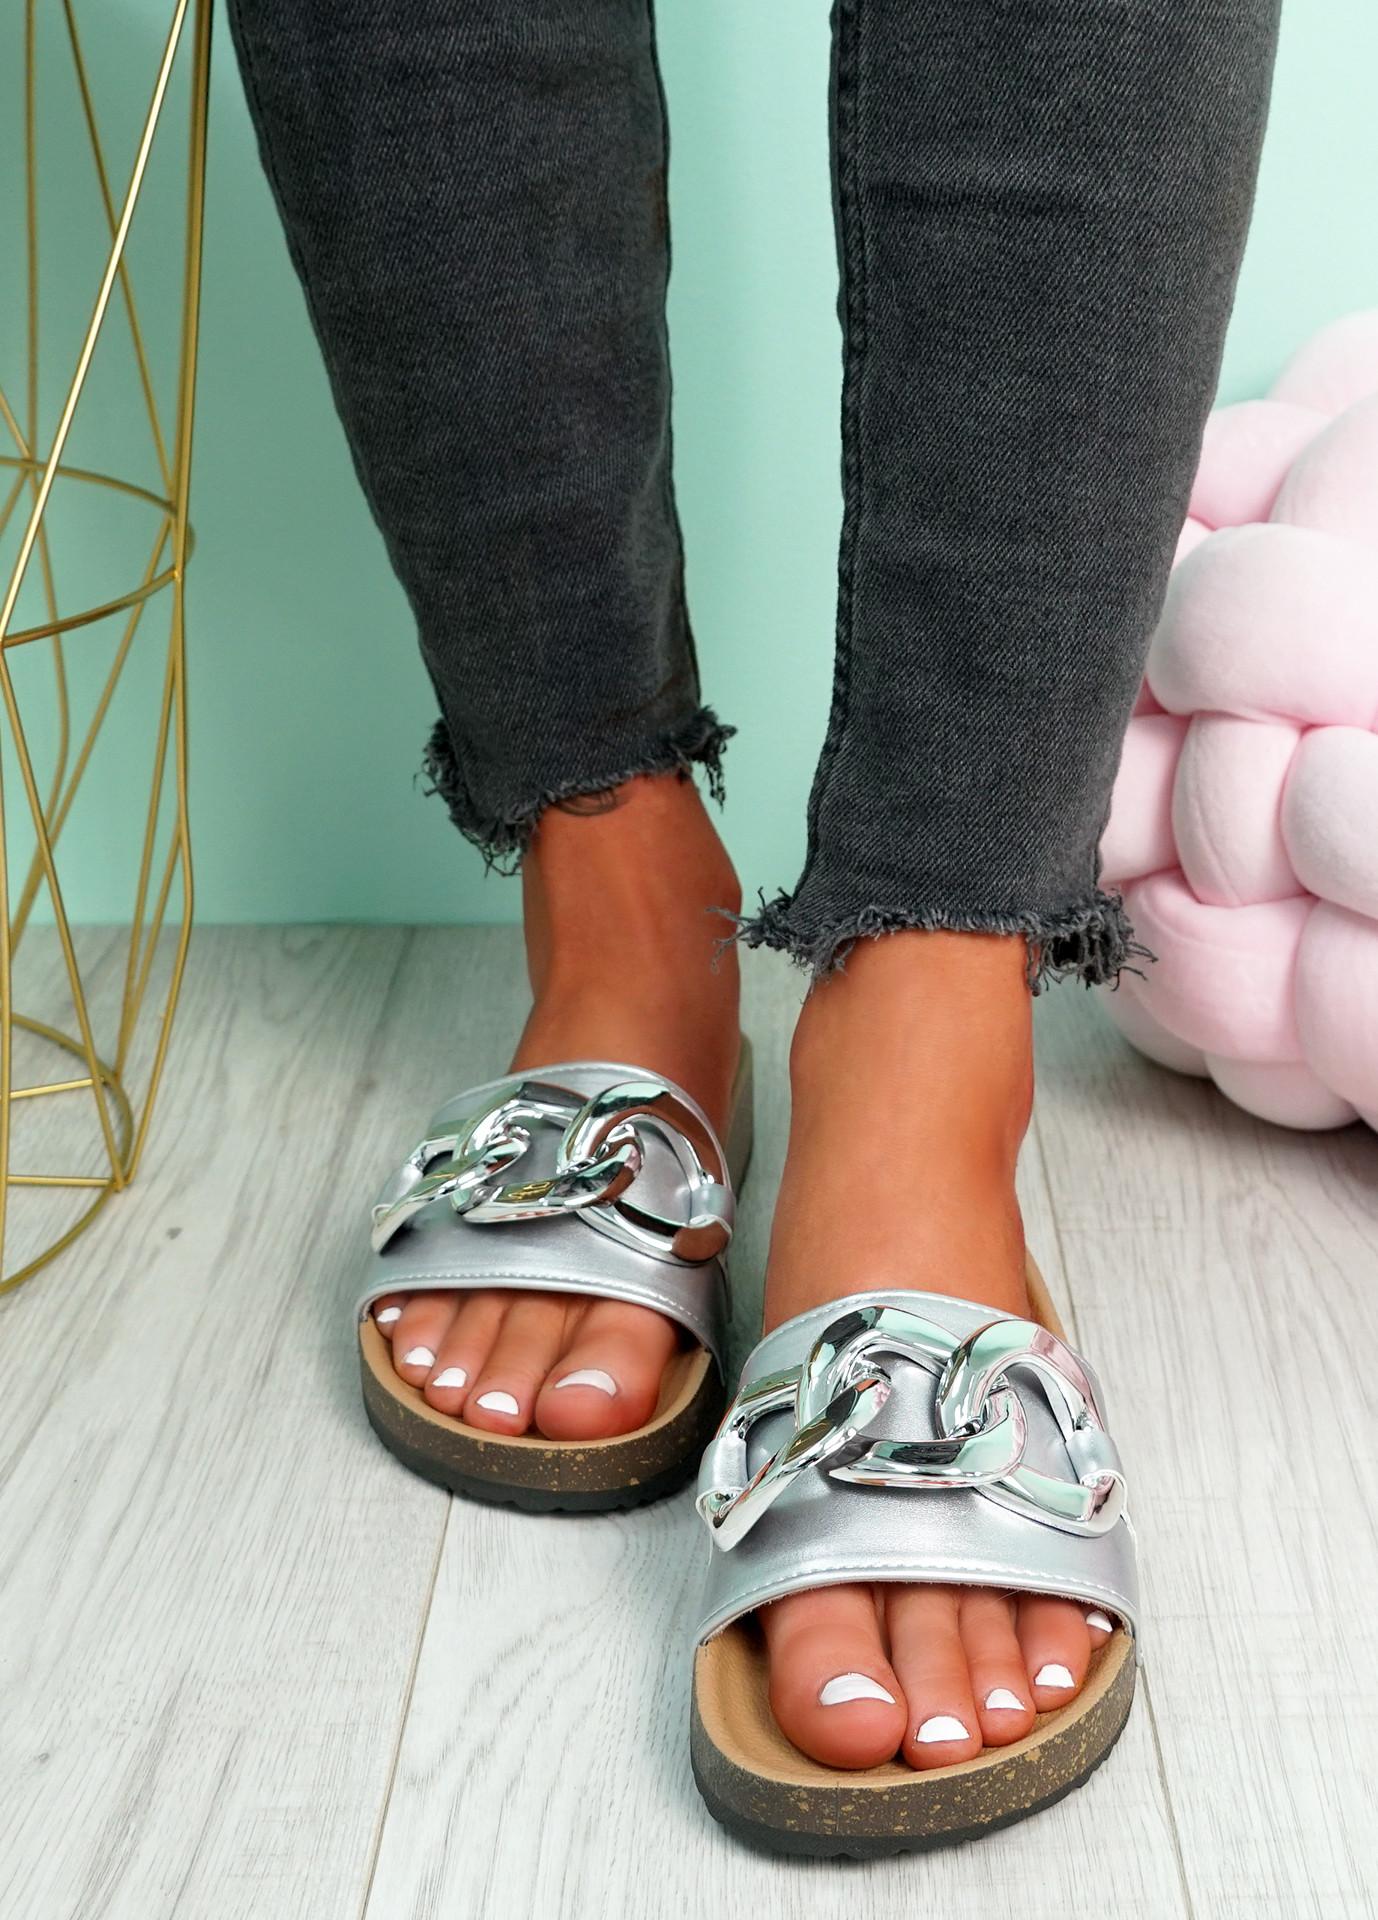 Samma Silver Platform Chain Sandals